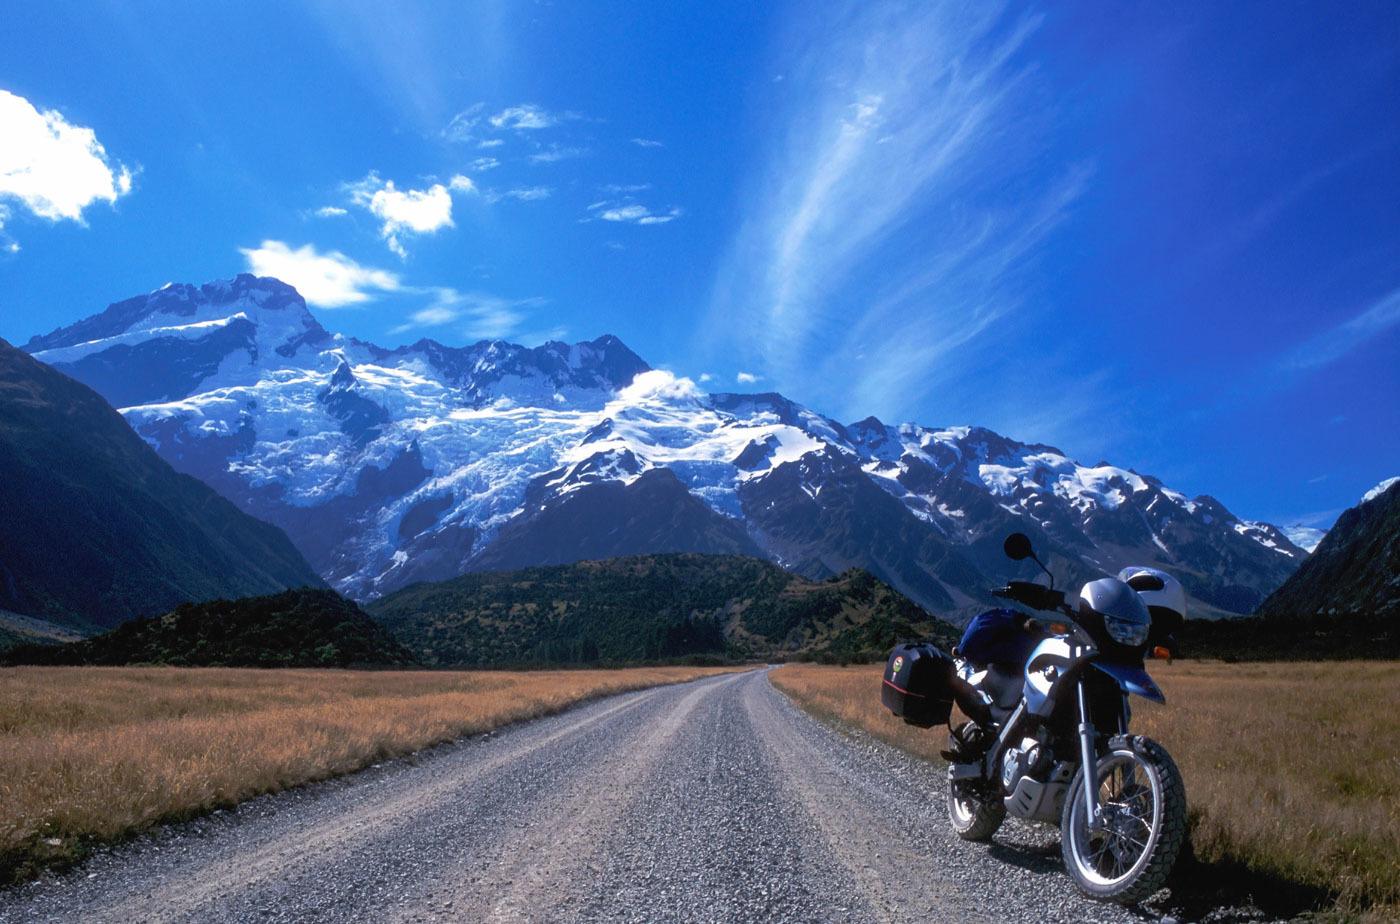 ニュージーランドをバイクで旅する・・・(3)_e0110874_22534426.jpg